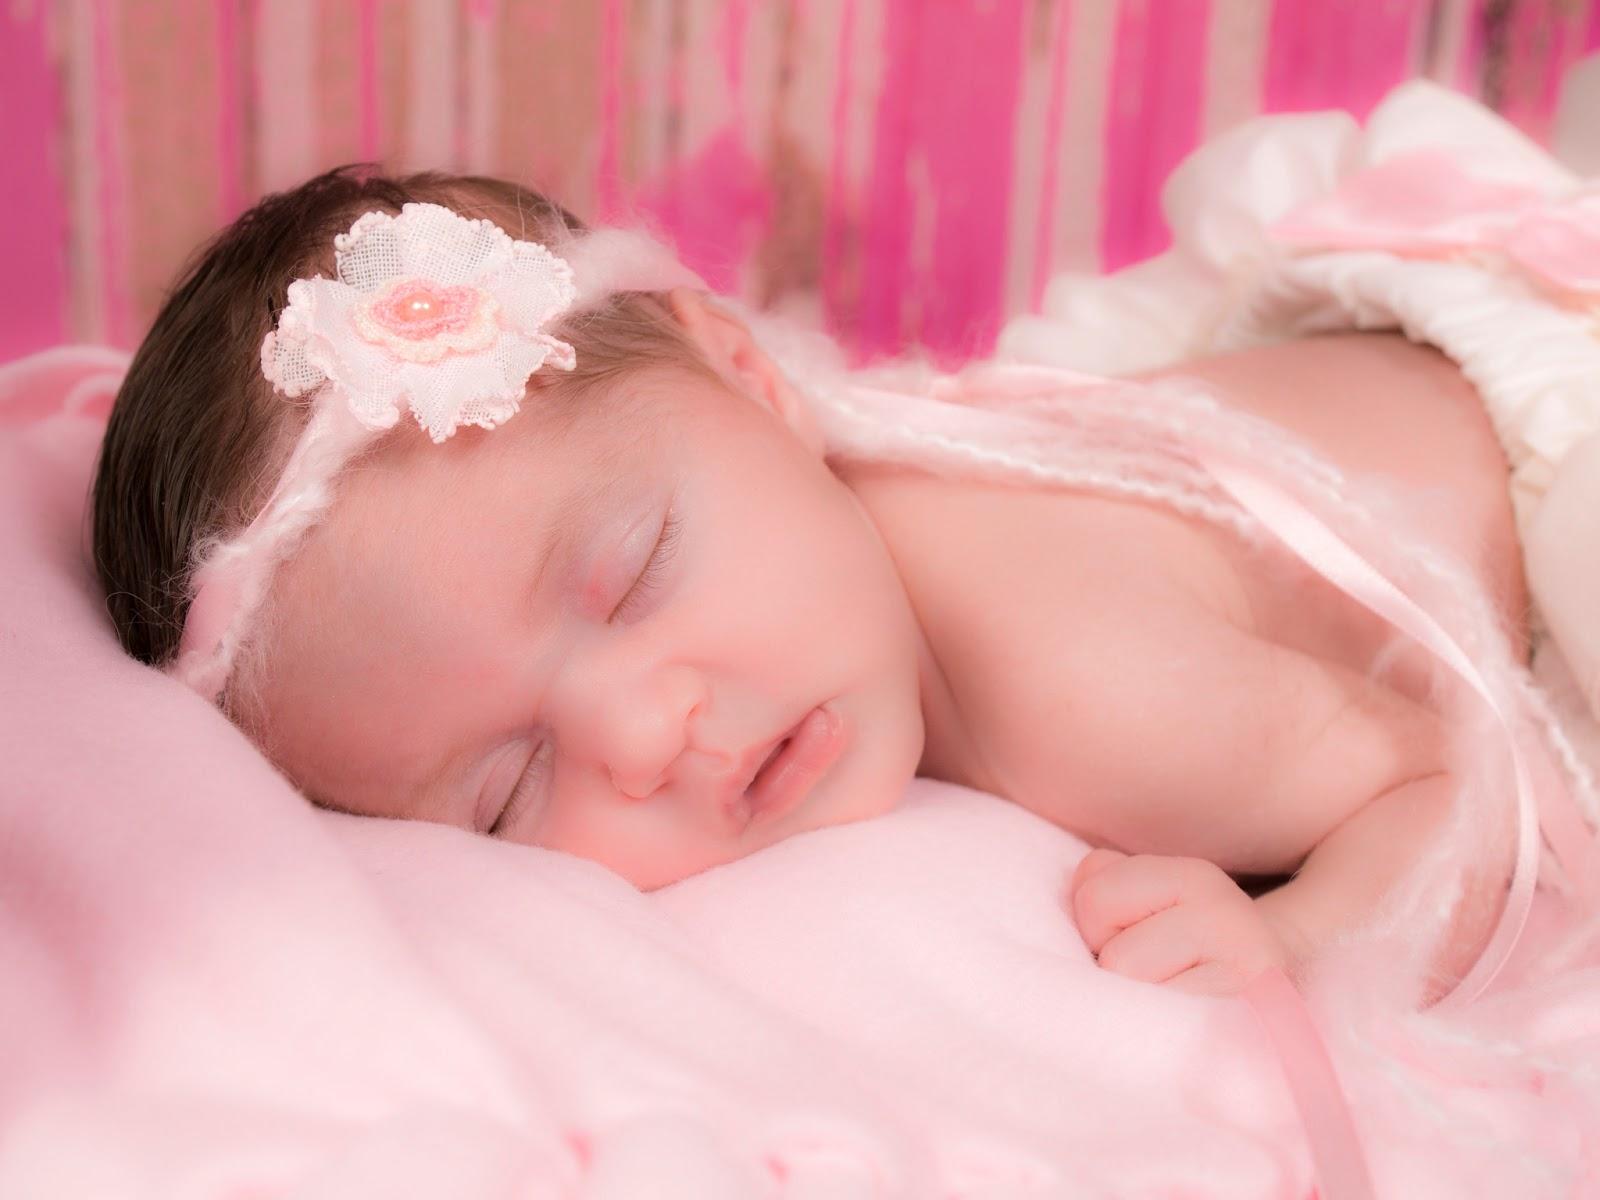 Une petite Hazel née le 12/ 13/14 à 10h11